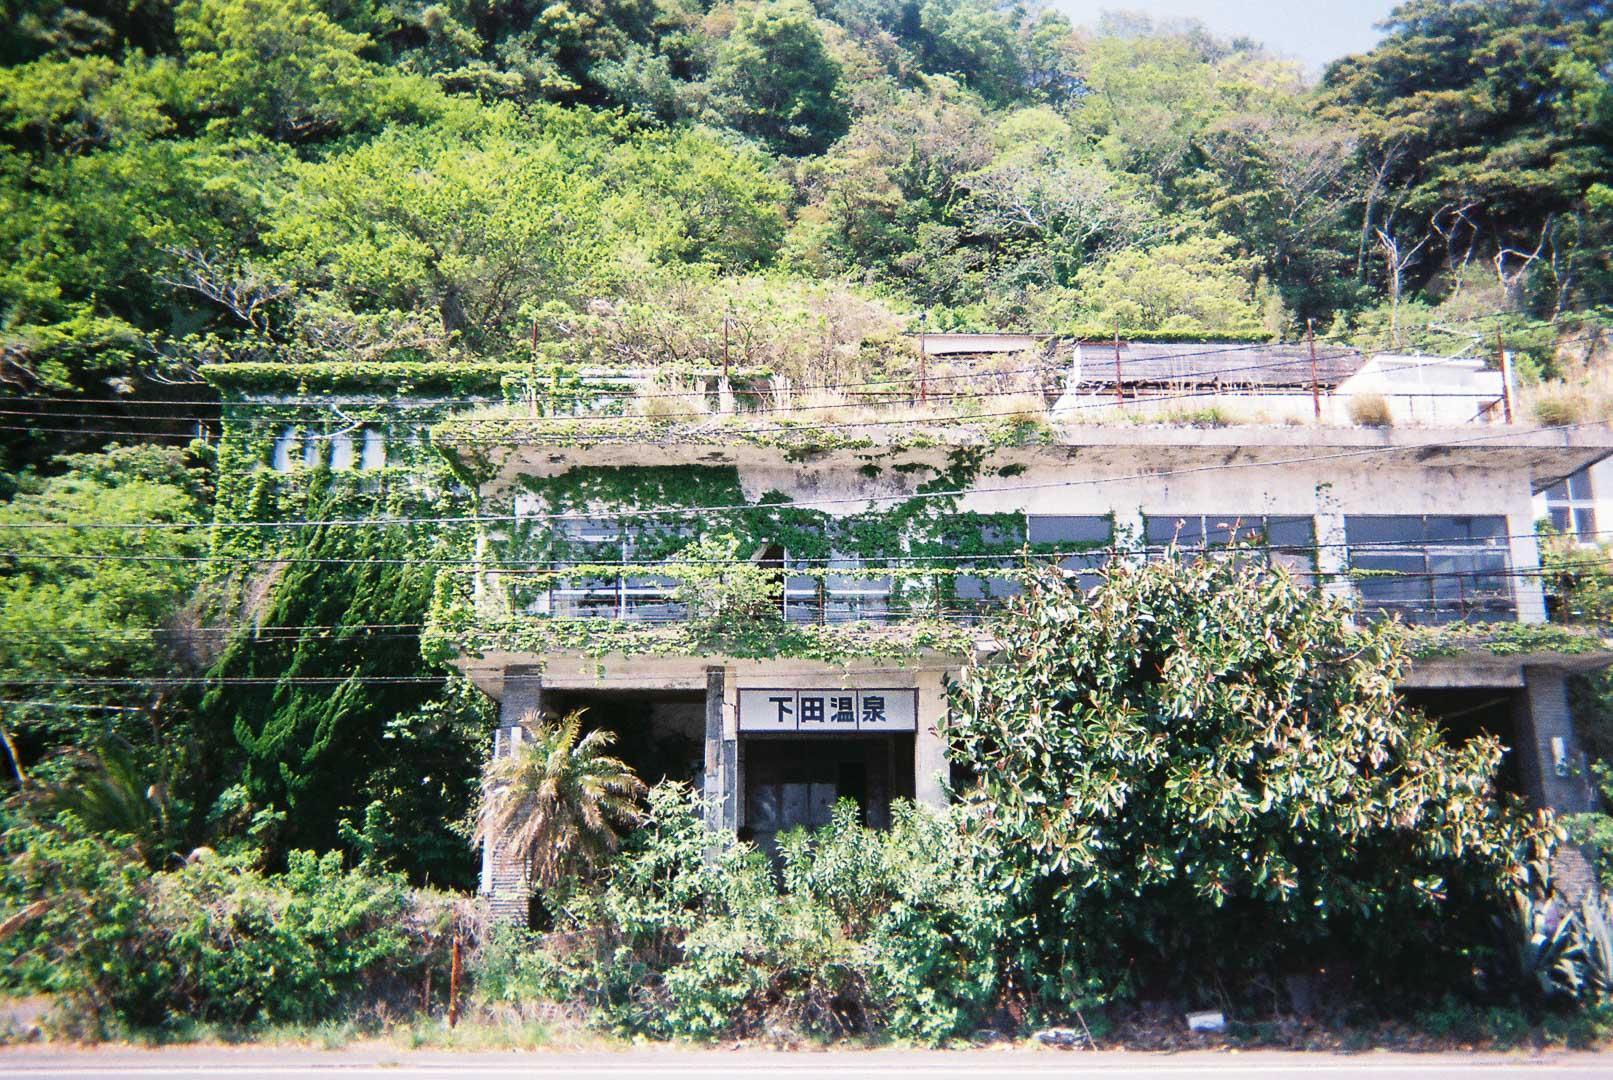 伊豆下田で巨大な廃墟ホテルを撮りました